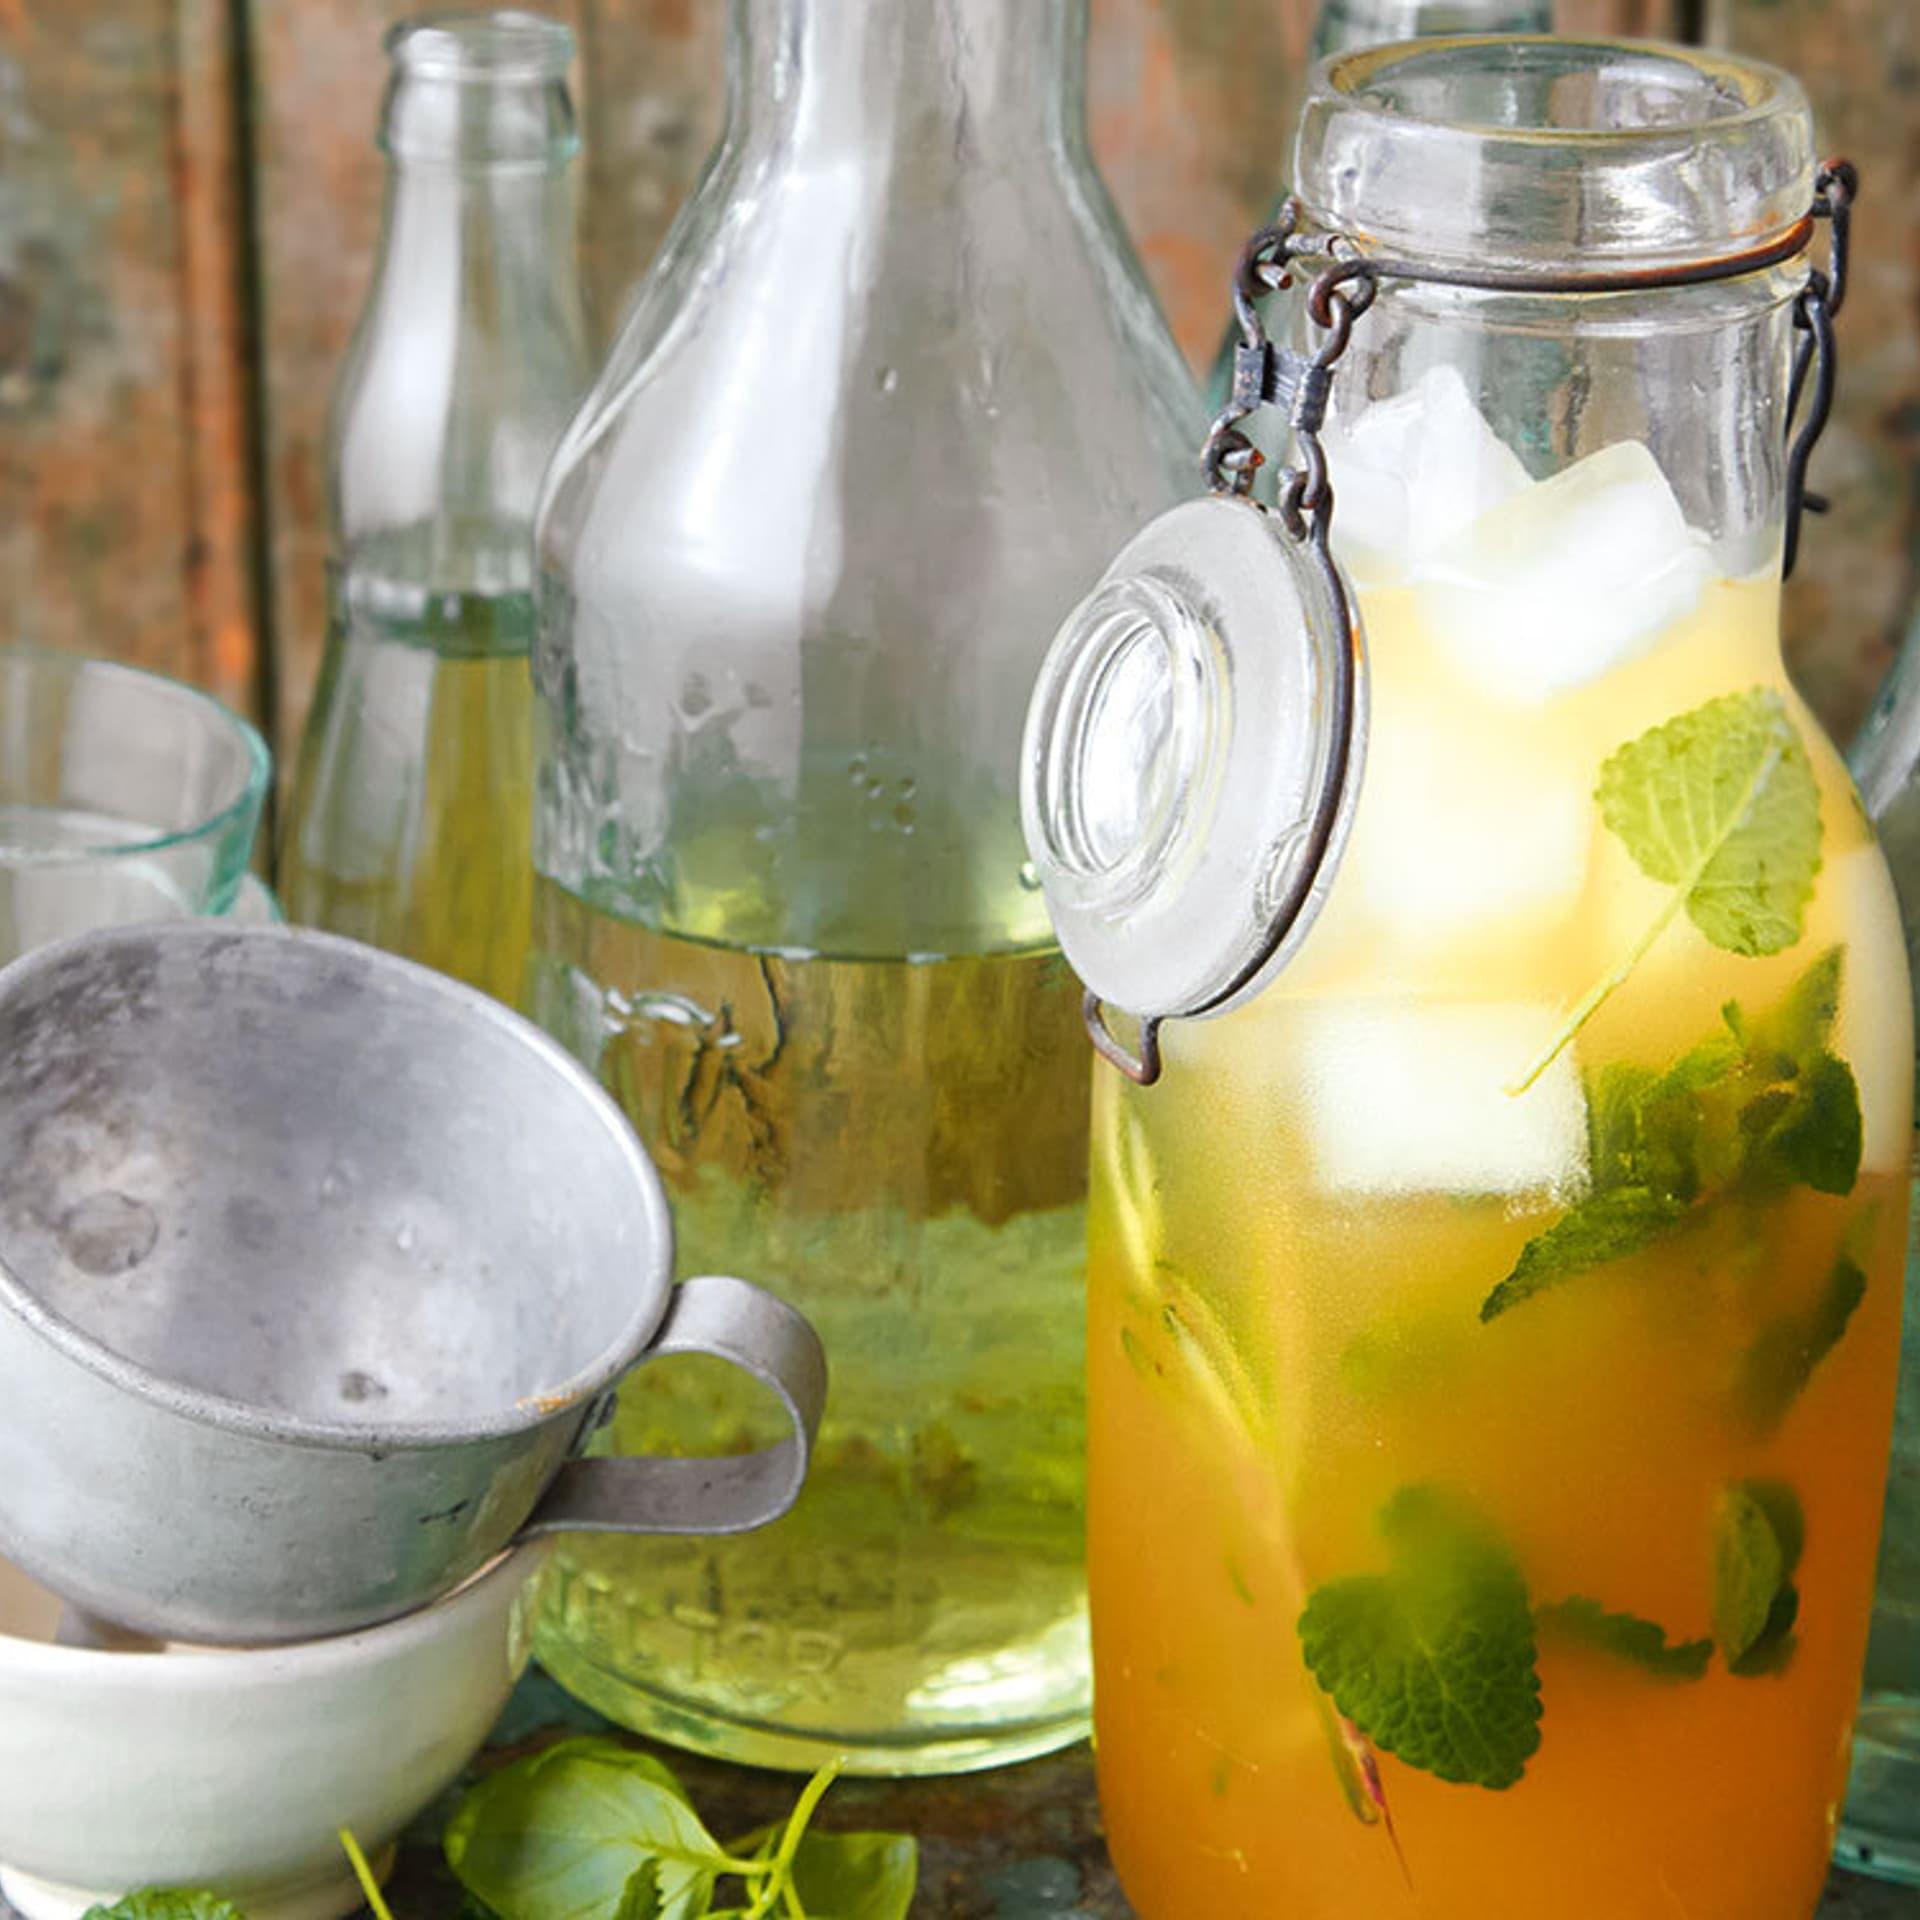 Kräuterlimonade in einer Flasche